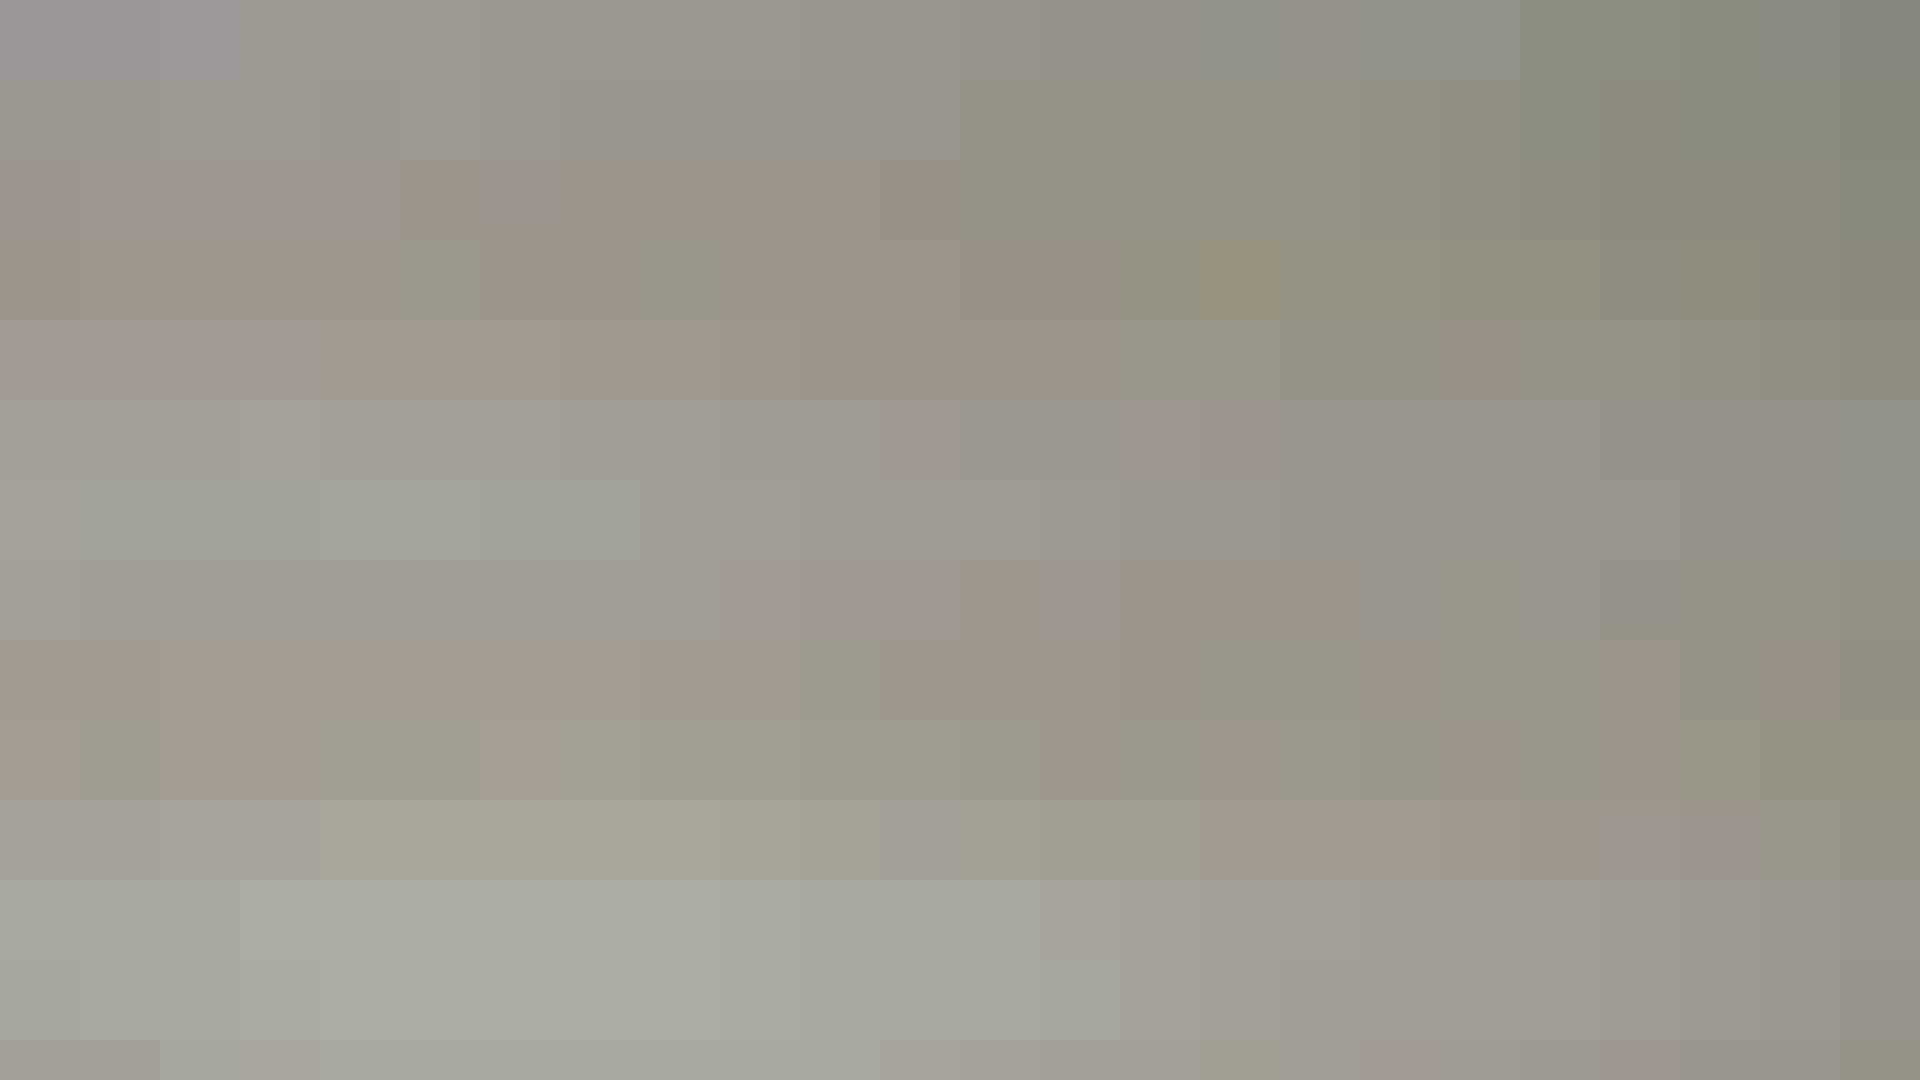 洗面所特攻隊 vol.016 ナナメな方 洗面所  107PIX 26